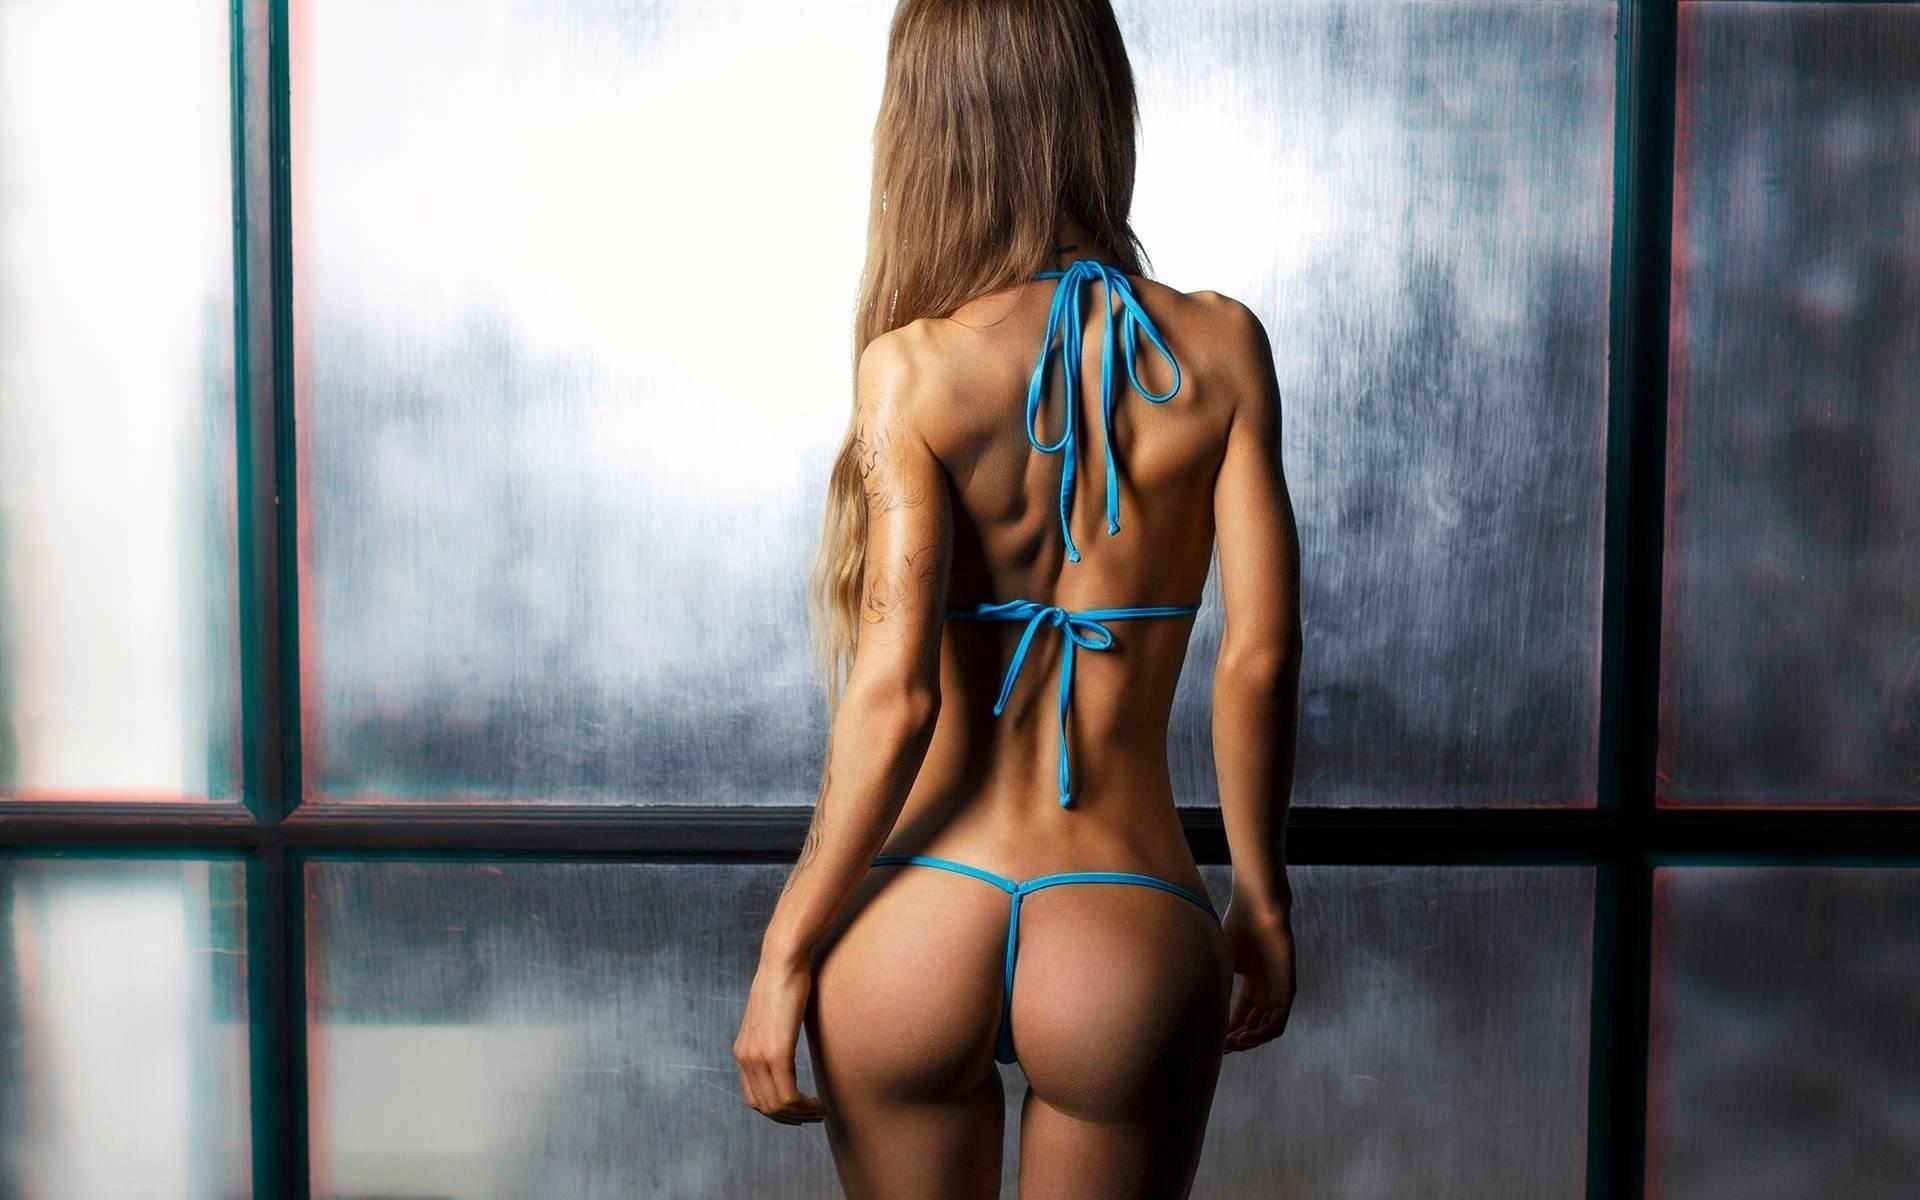 Фото Сексуальная фигура, девушка в голубом бикини, упругая попка, тату на руке, идеальное сексуальное тело, скачать картинку бесплатно